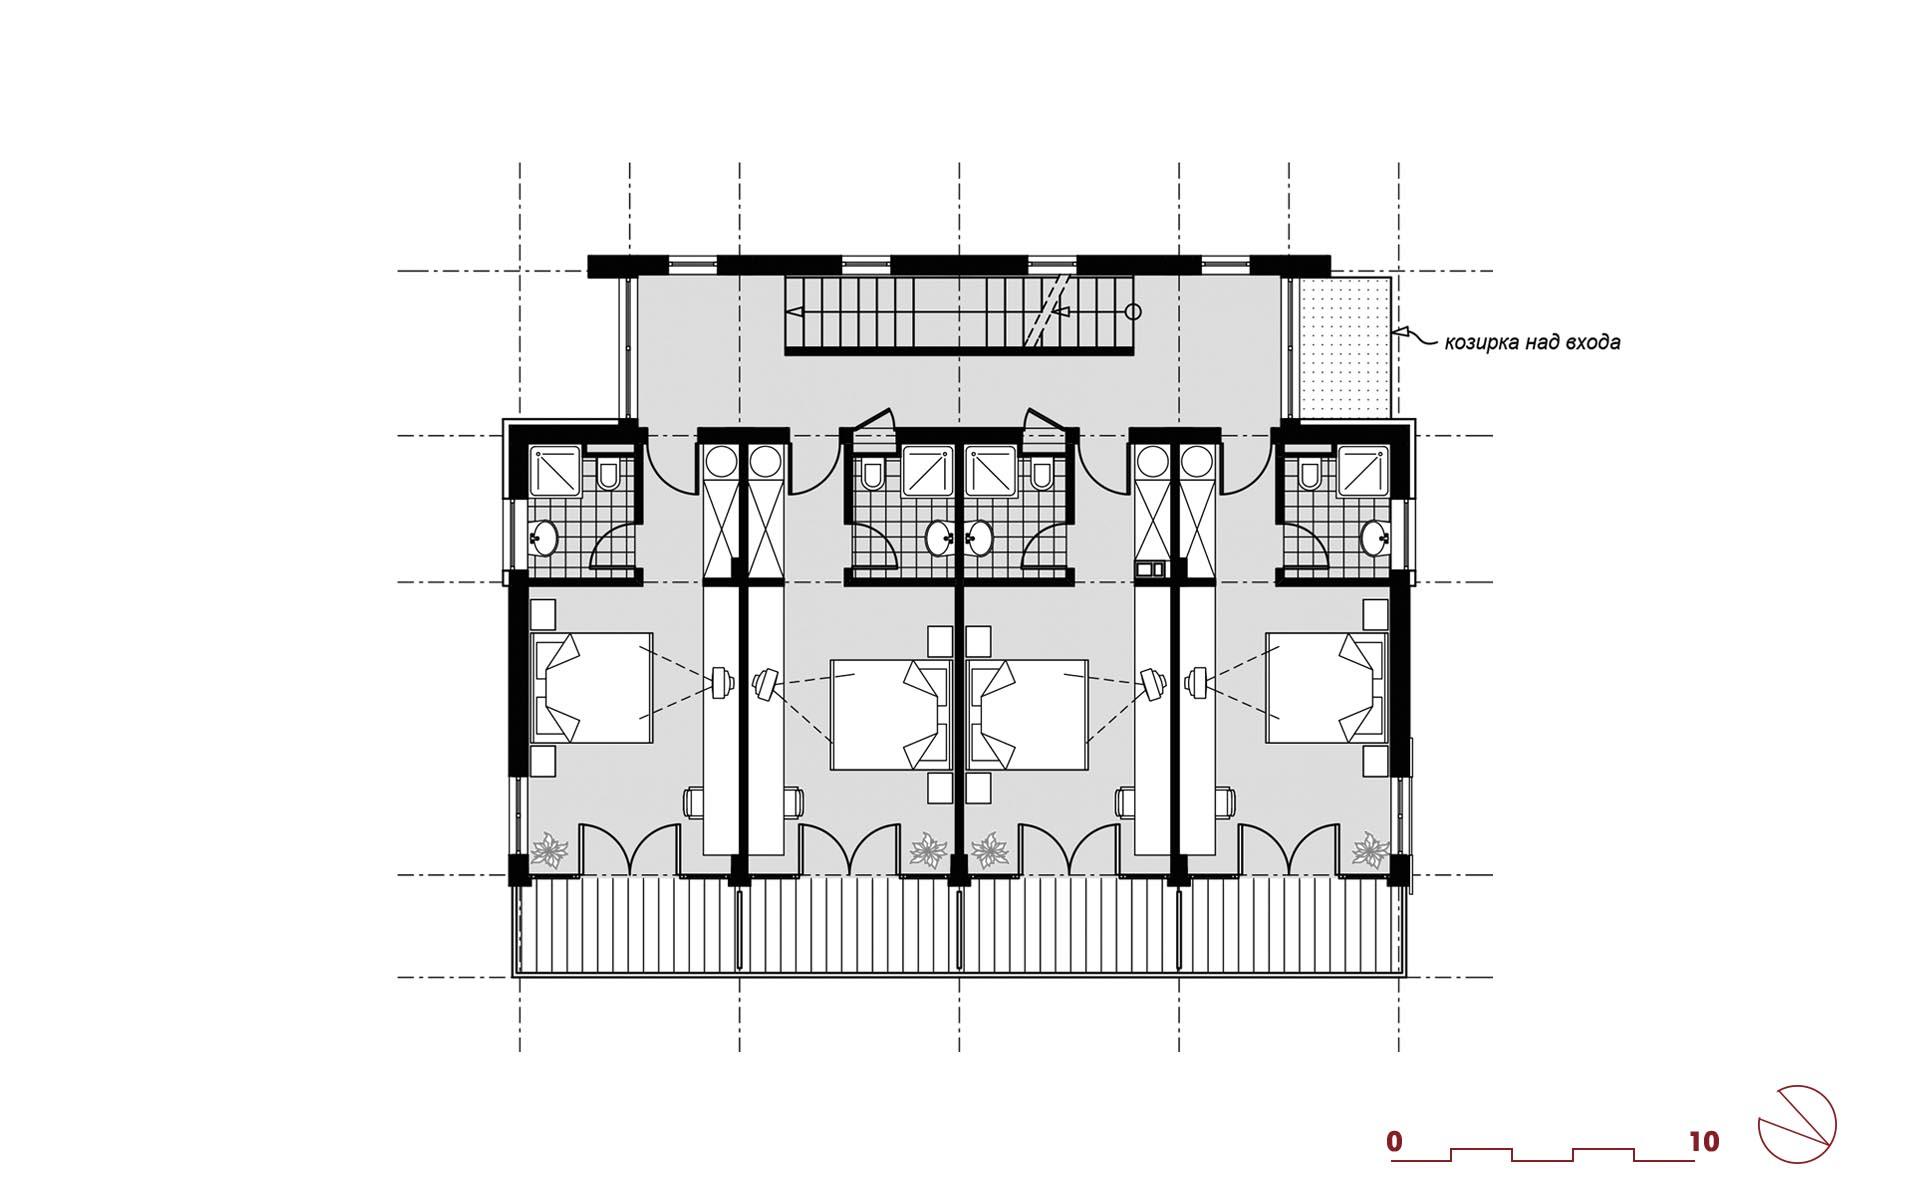 Voynov Apartment Hotel 04